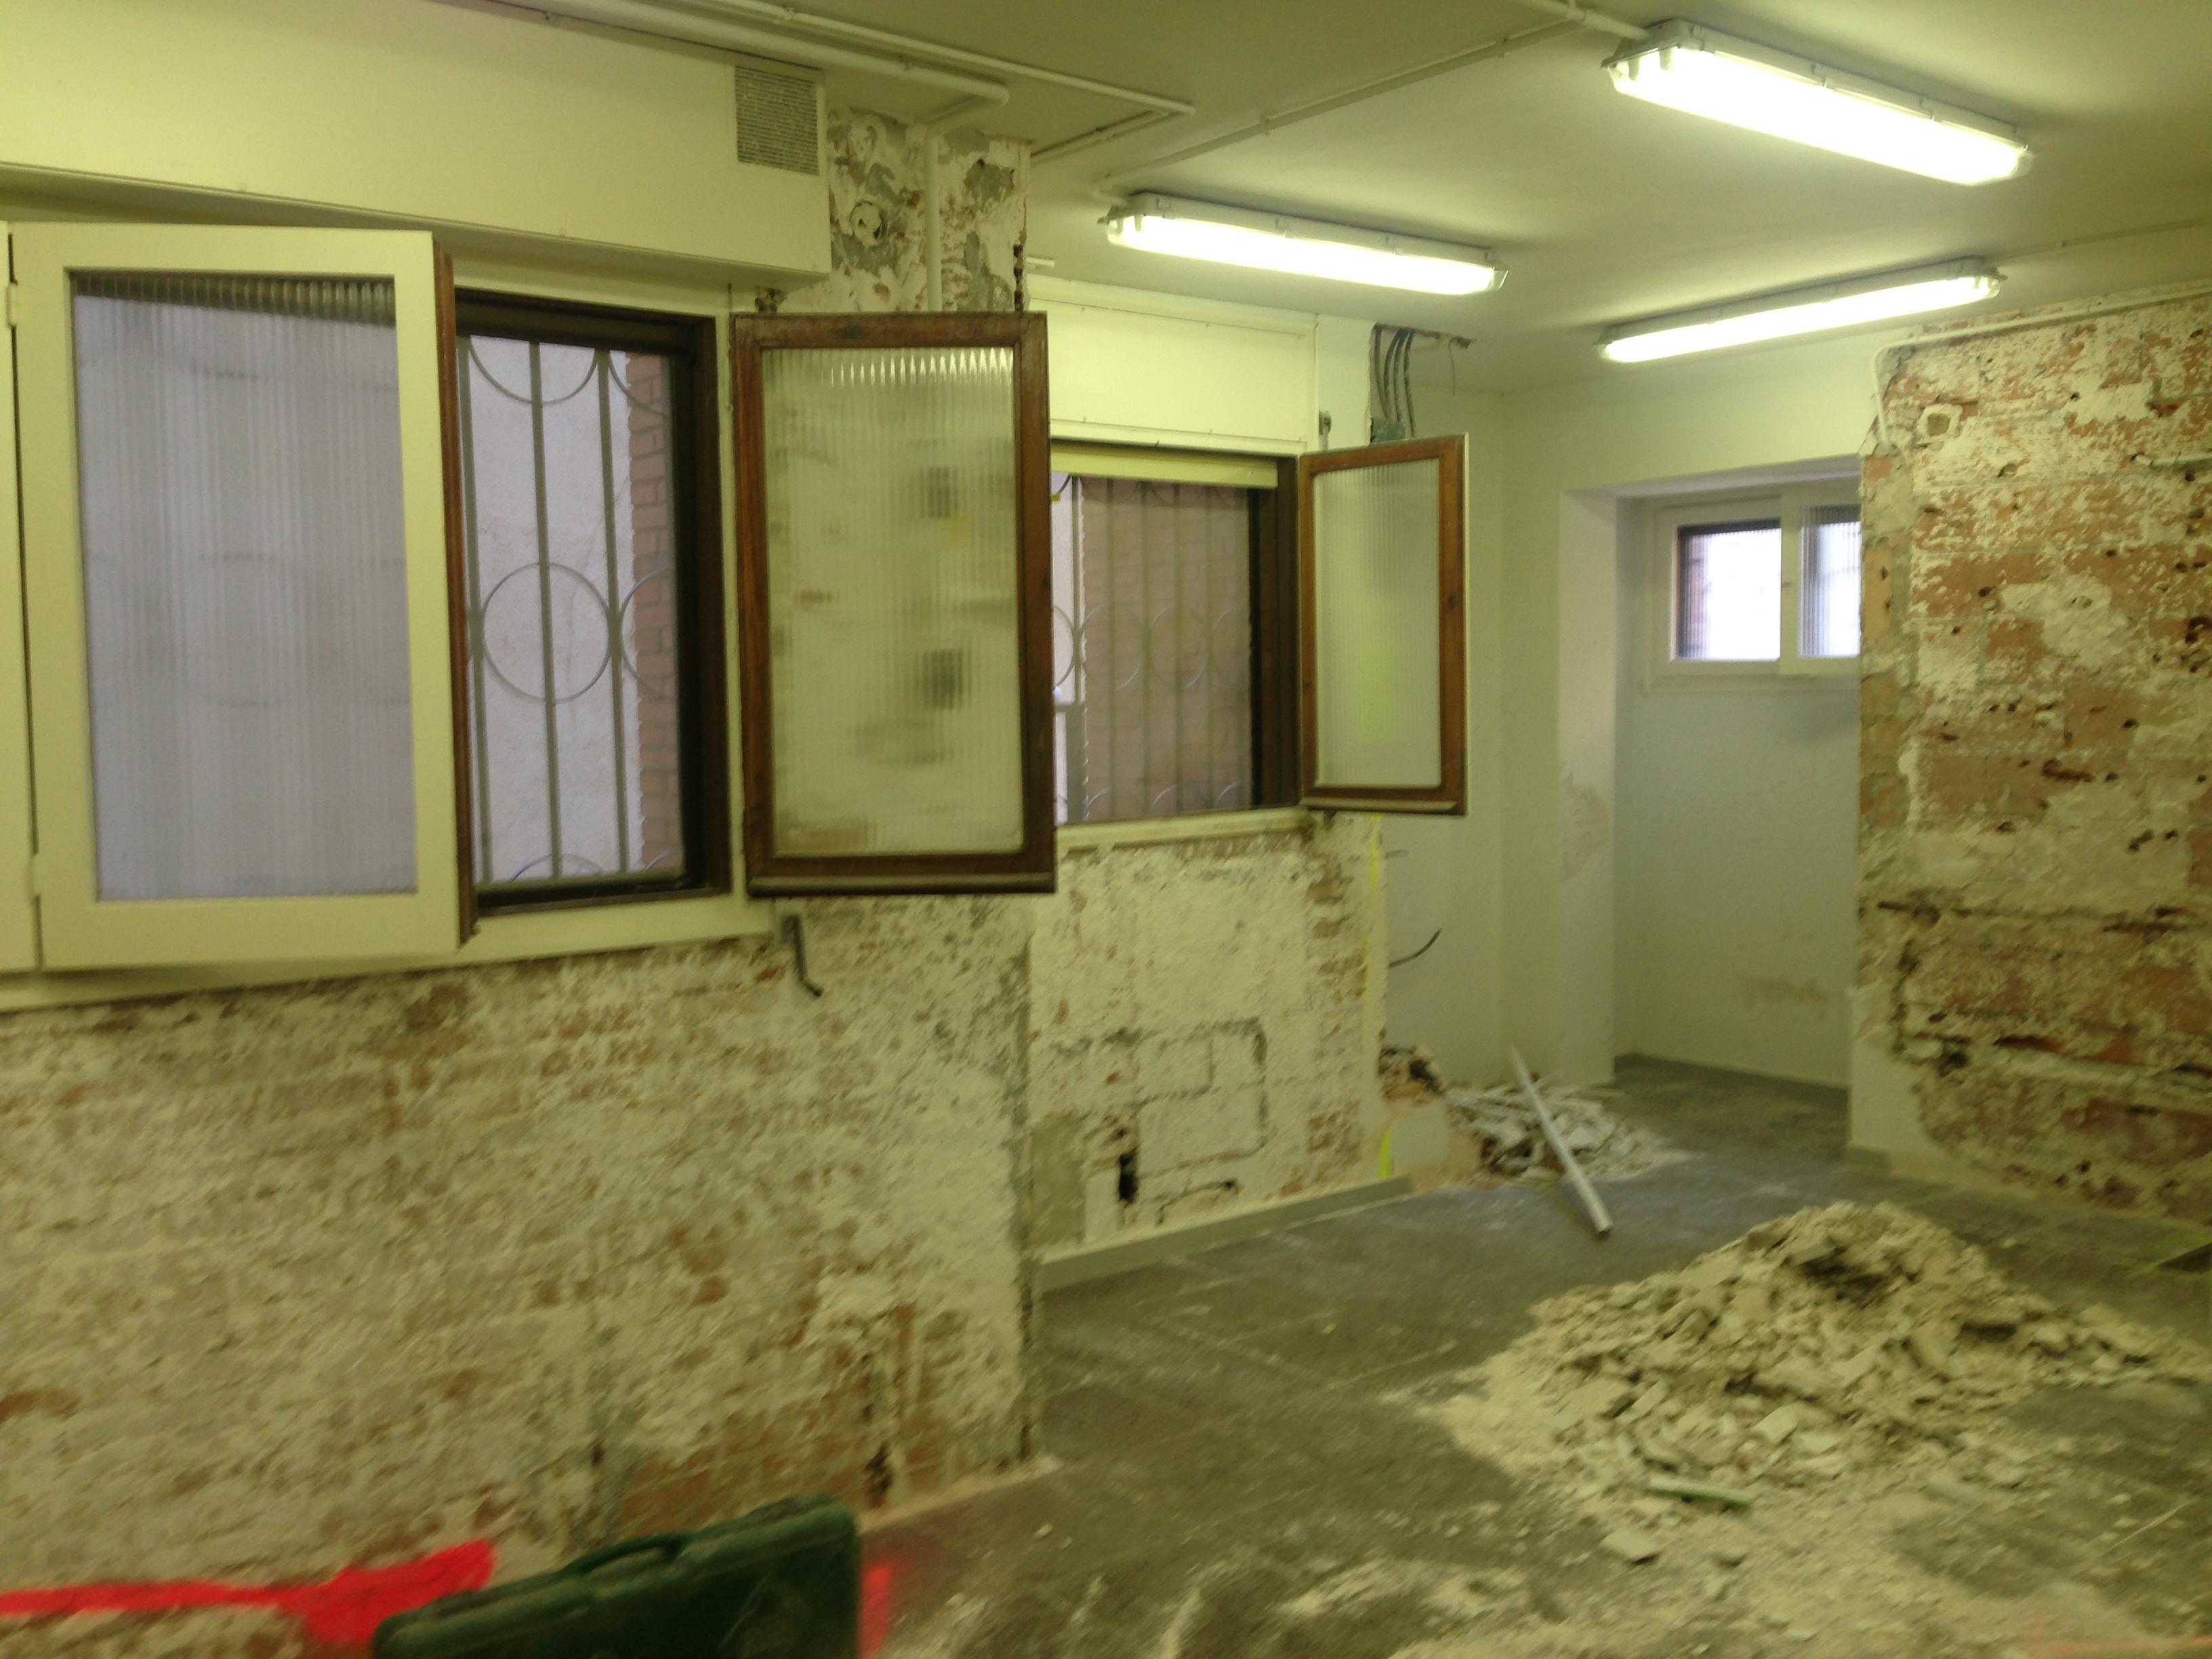 instalación de cocina english school antes de reformar